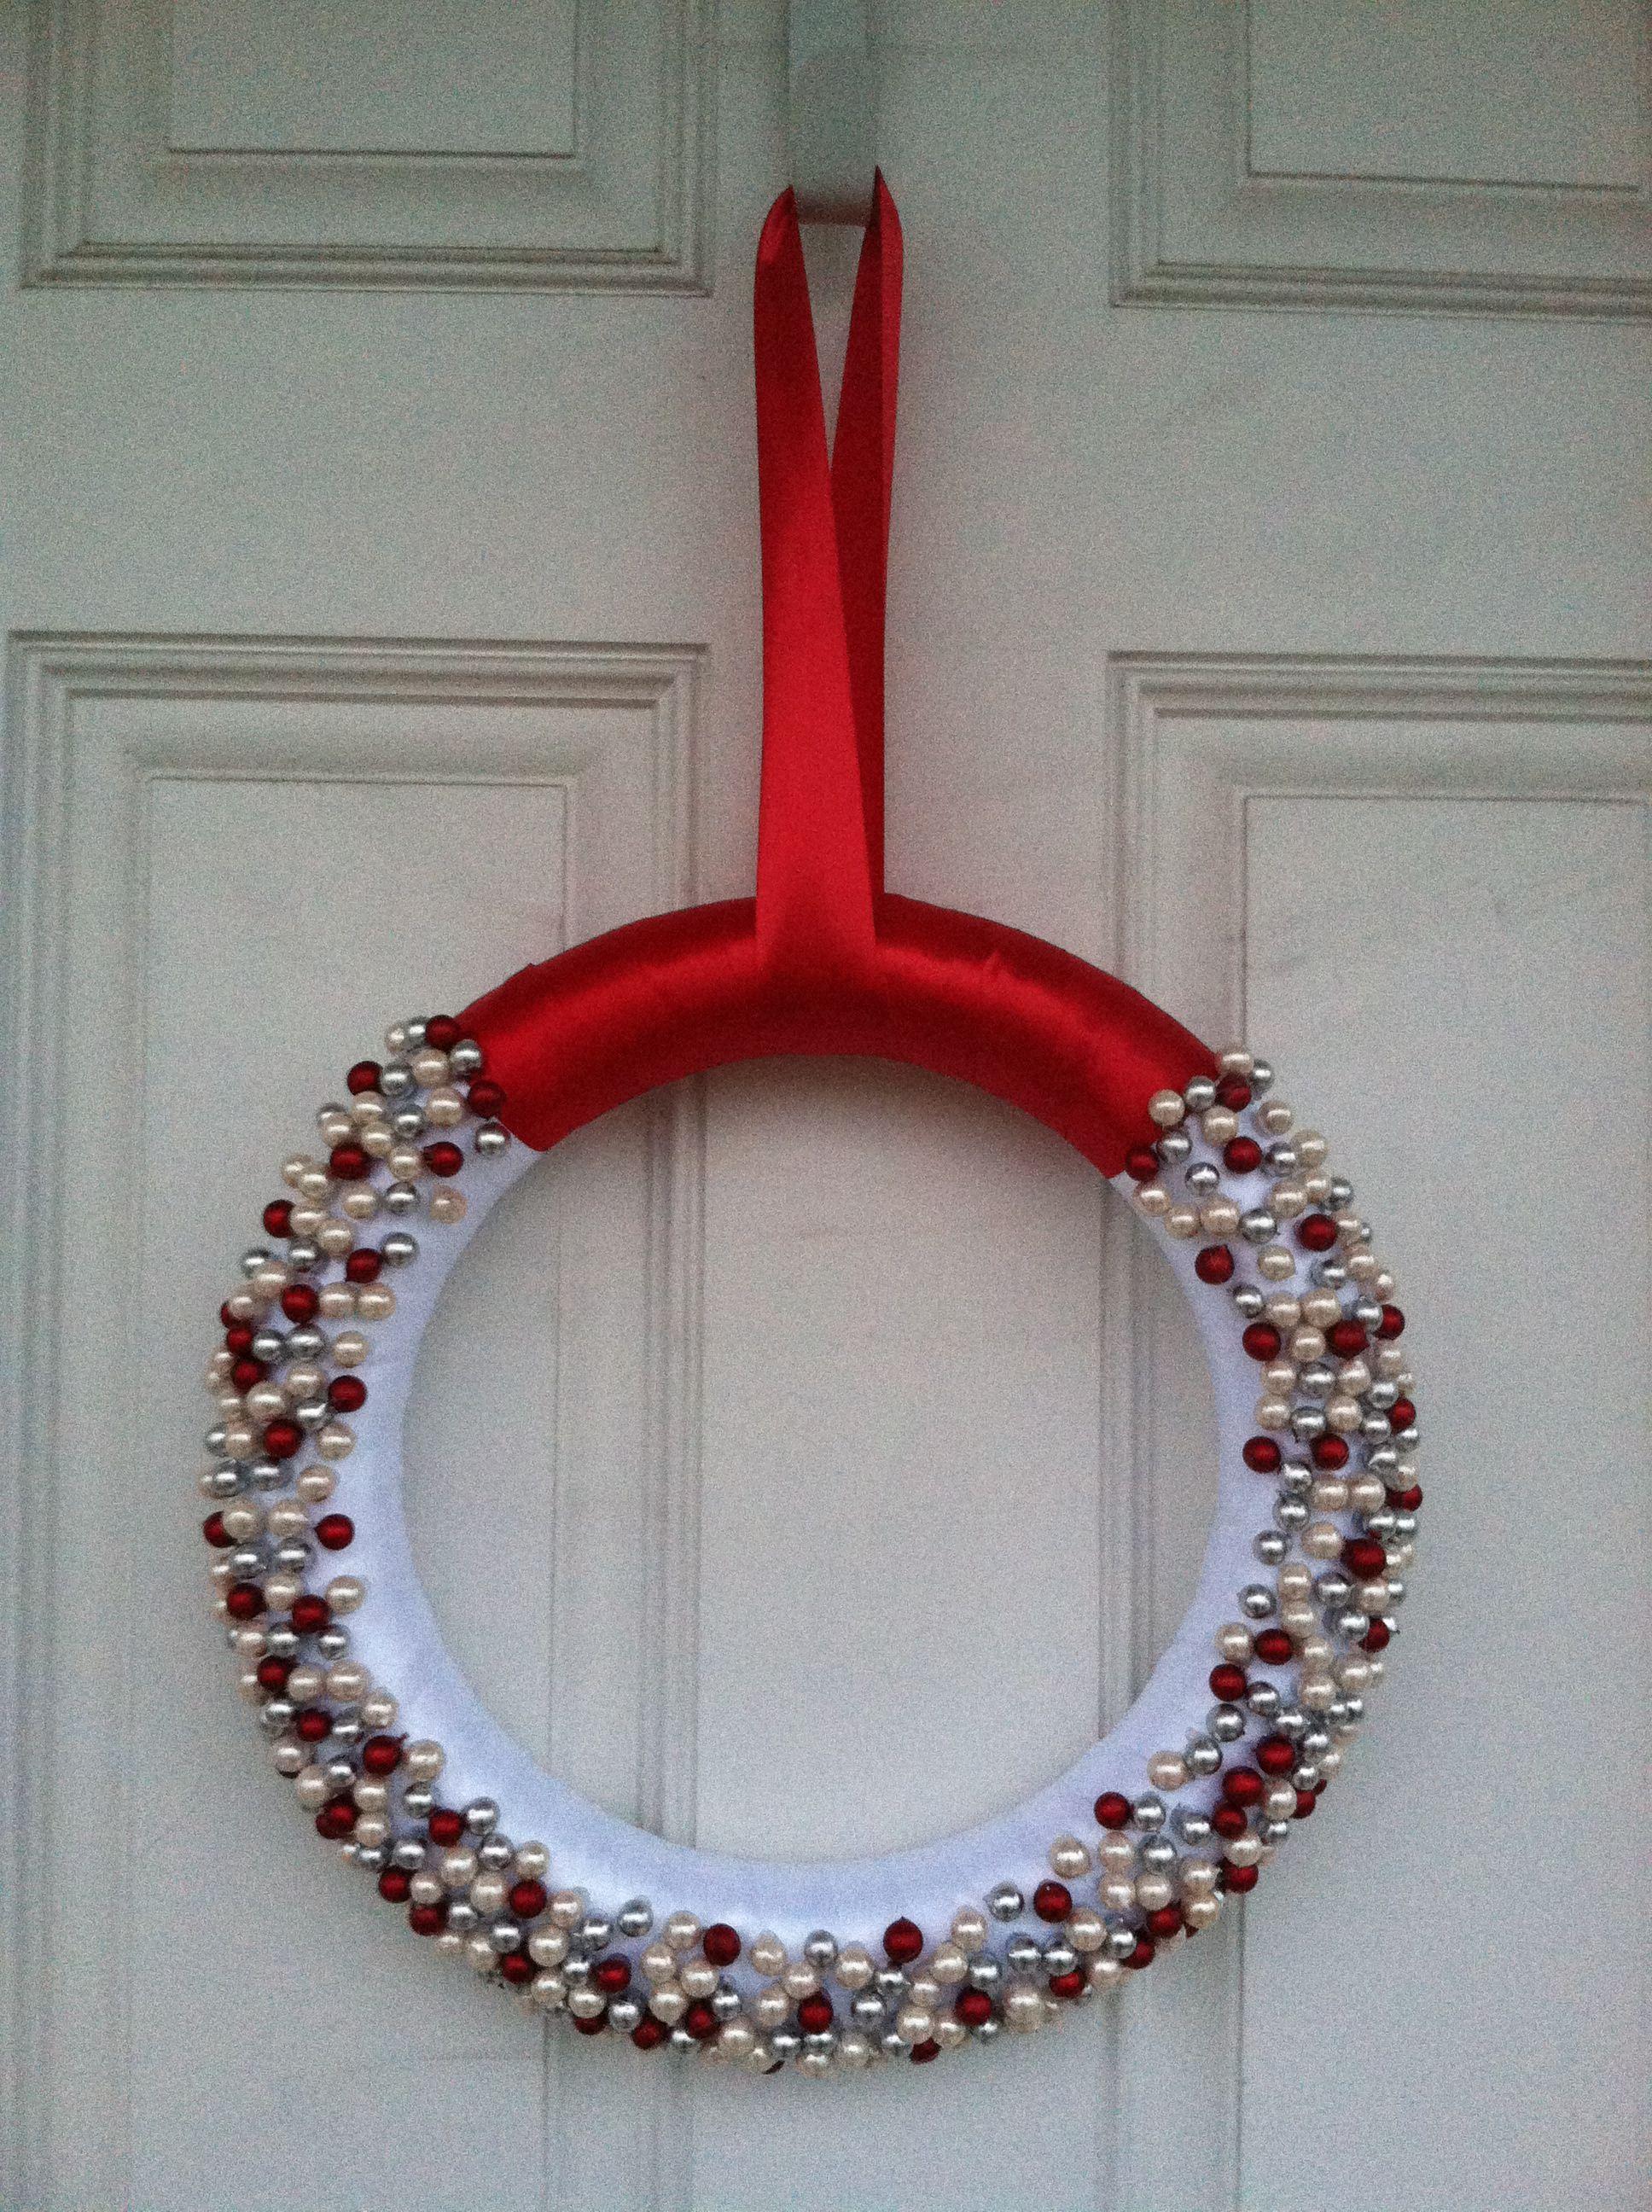 DIY Christmas wreath. Wrap foam wreath with ribbon then